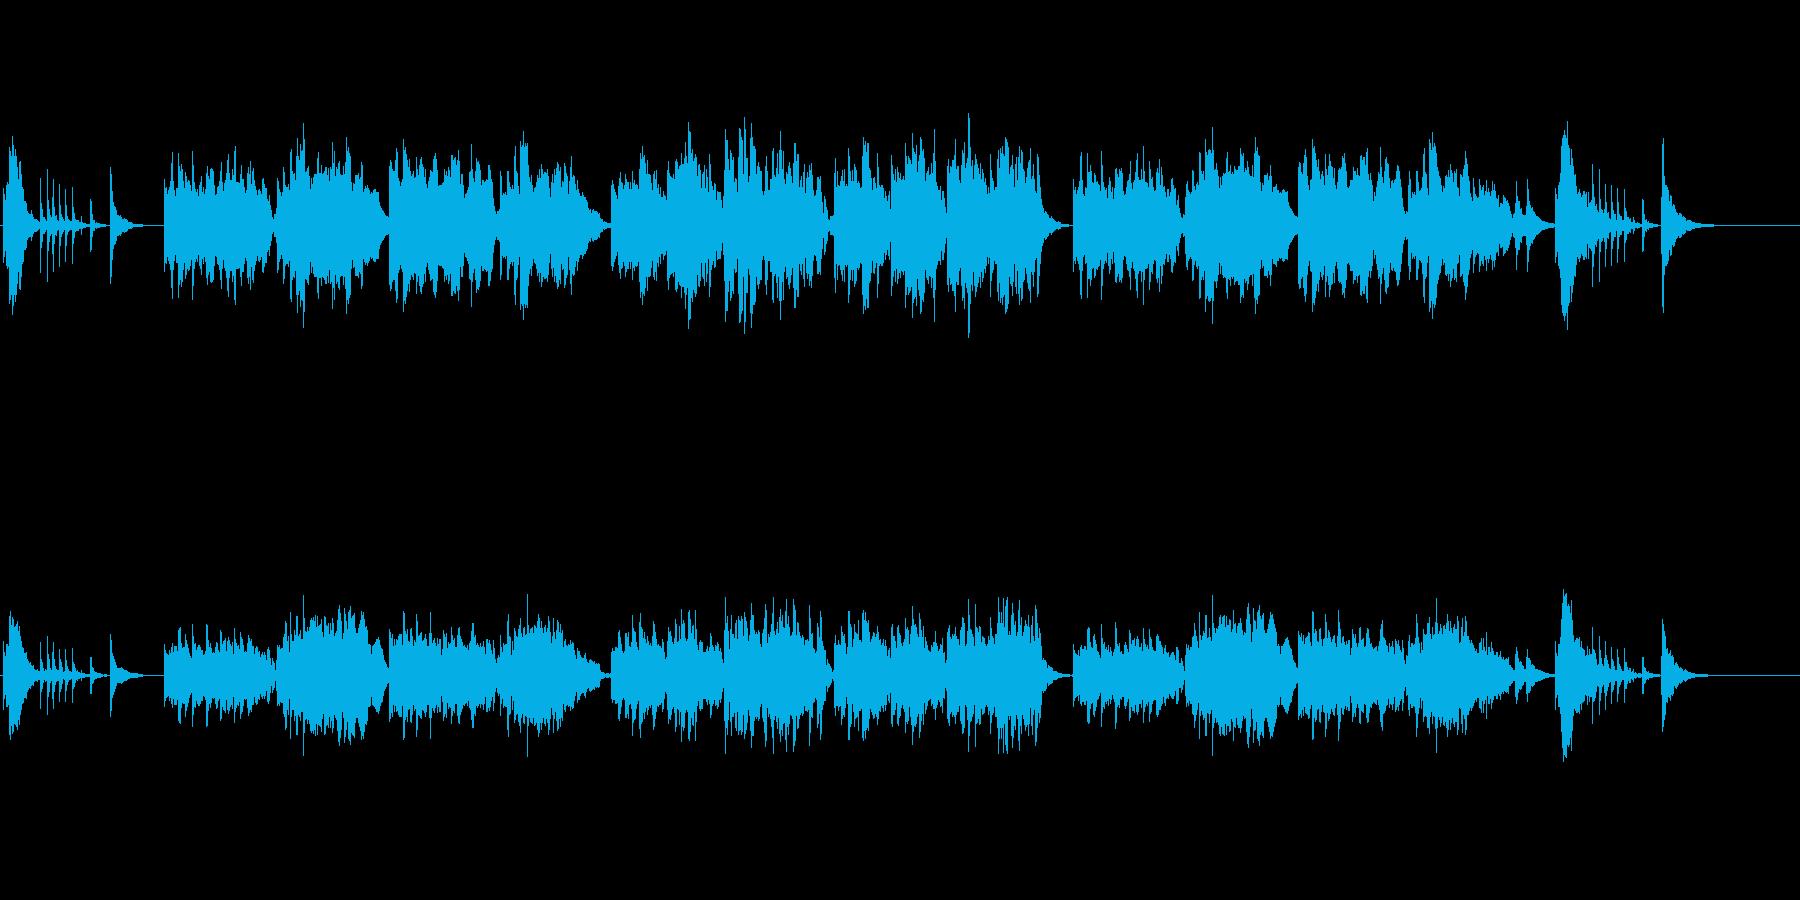 琴と尺八の音色が美しい純和風曲の再生済みの波形